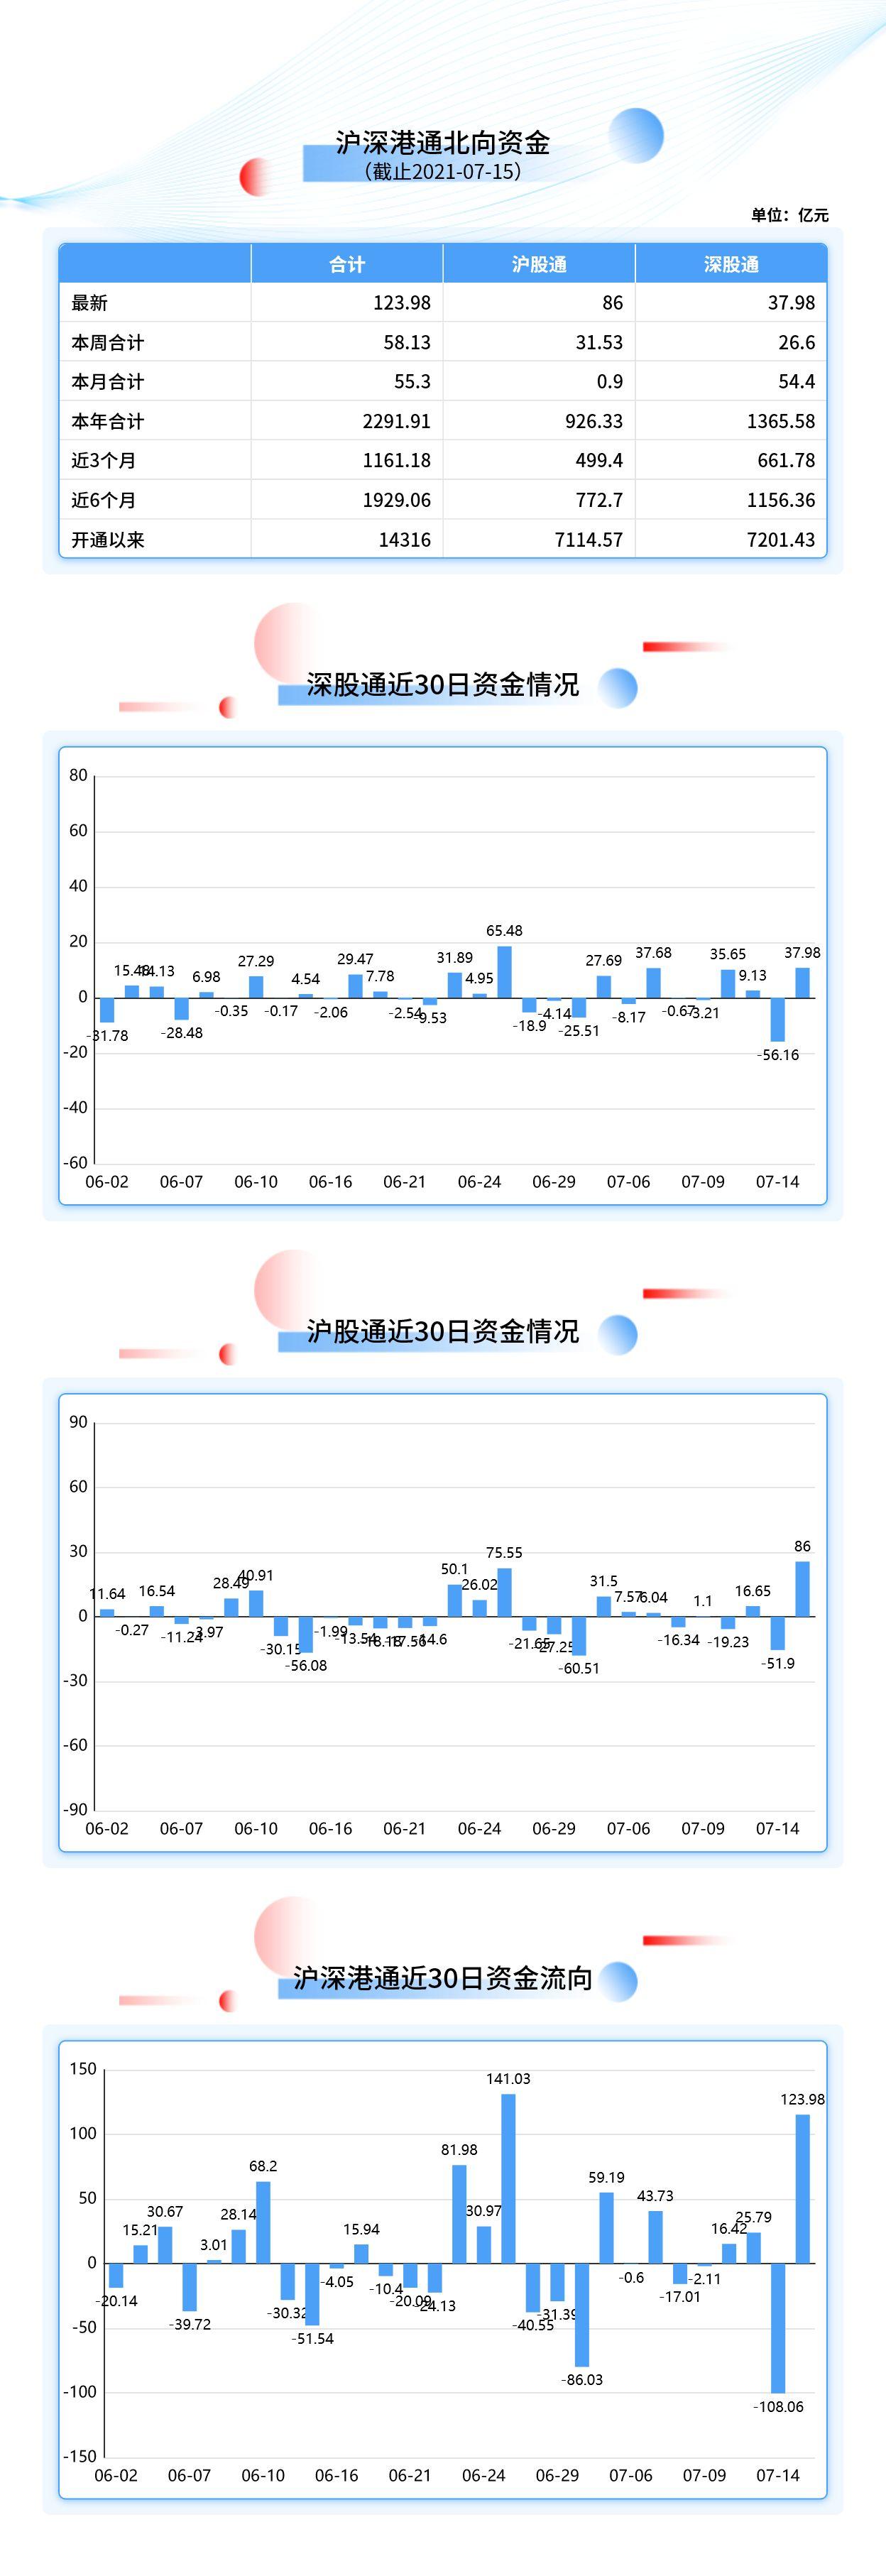 【北向资金大单买入报告】中国平安获净买入12.05亿元